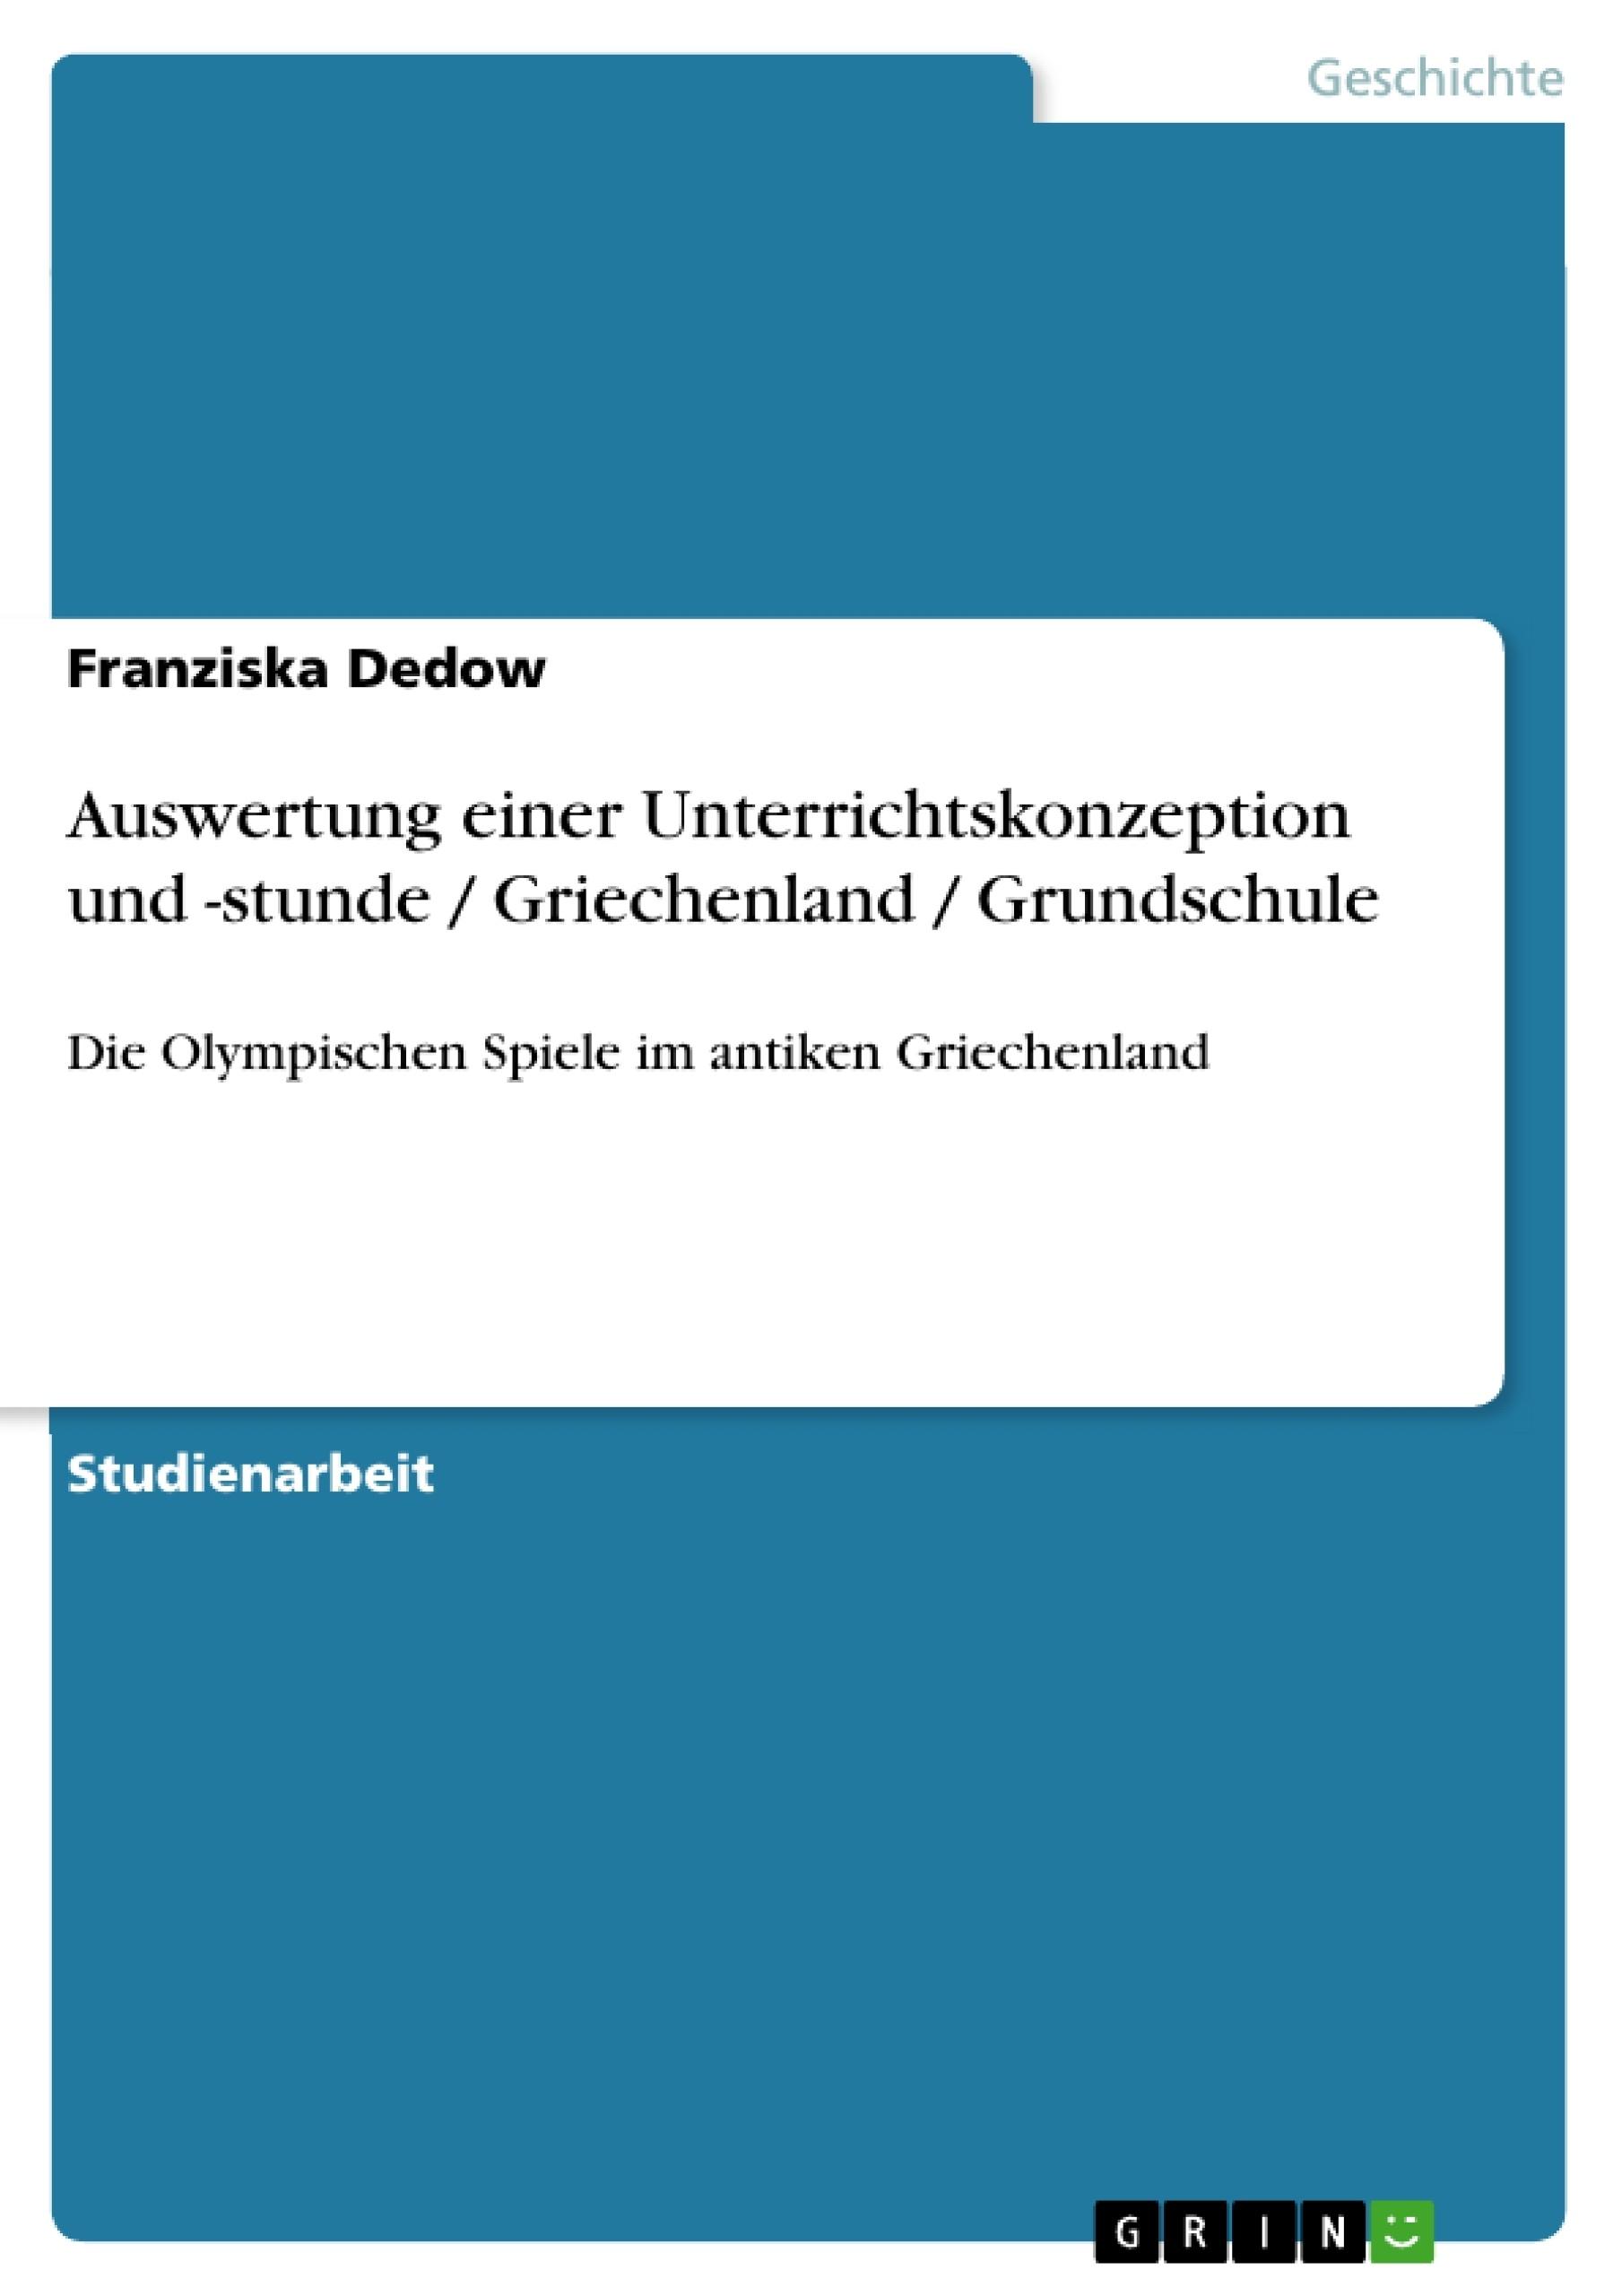 Titel: Auswertung einer Unterrichtskonzeption und -stunde / Griechenland / Grundschule